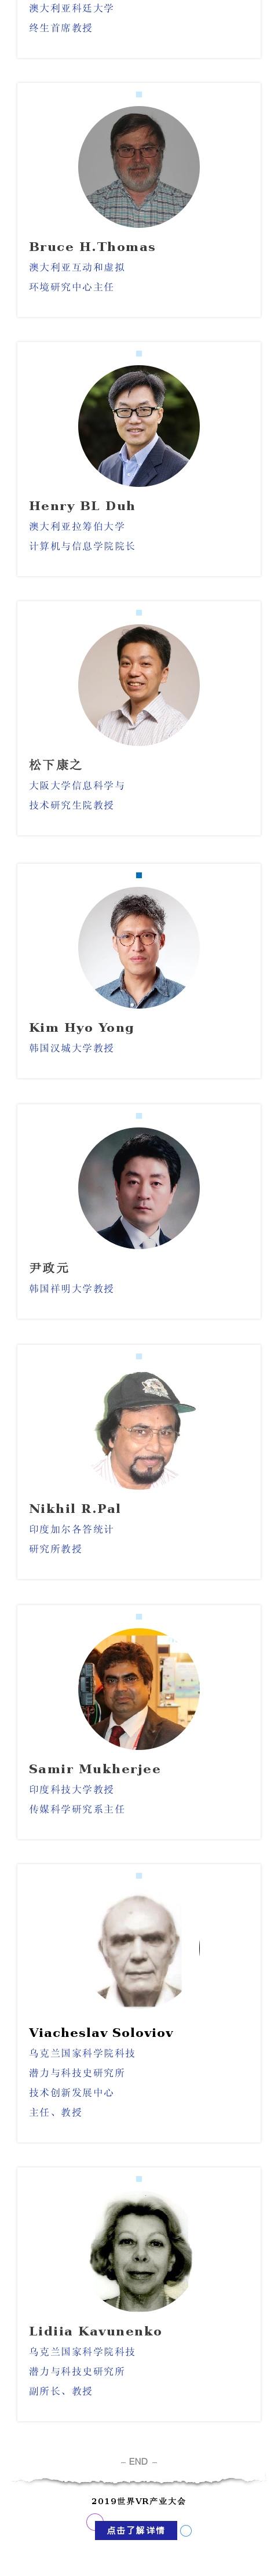 111_05_看图王.jpg